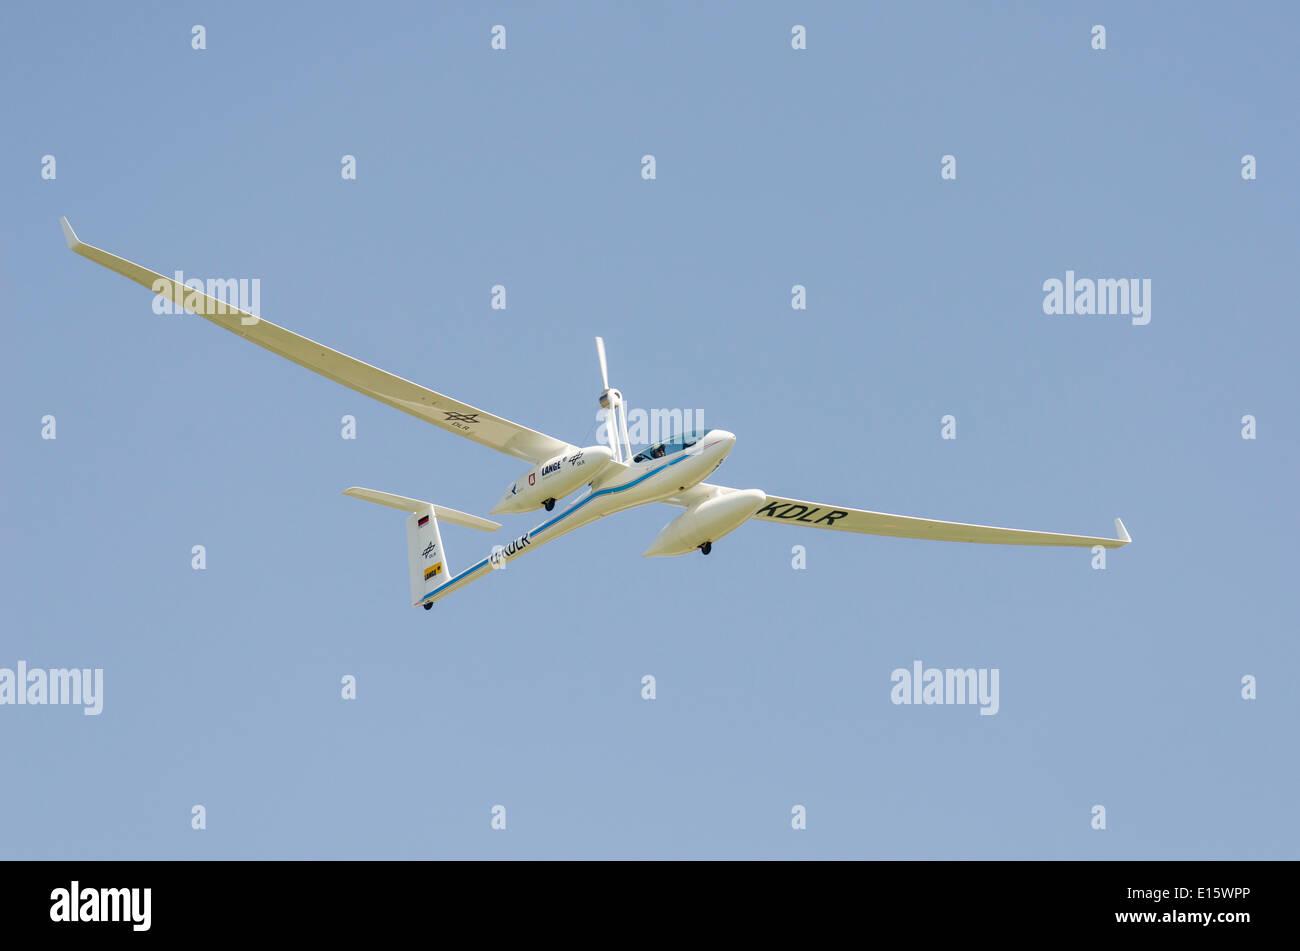 Antares DLR-H2 avion à pile à combustible en vol. Premier avion fonctionnant sur l'alimentation de Photo Stock